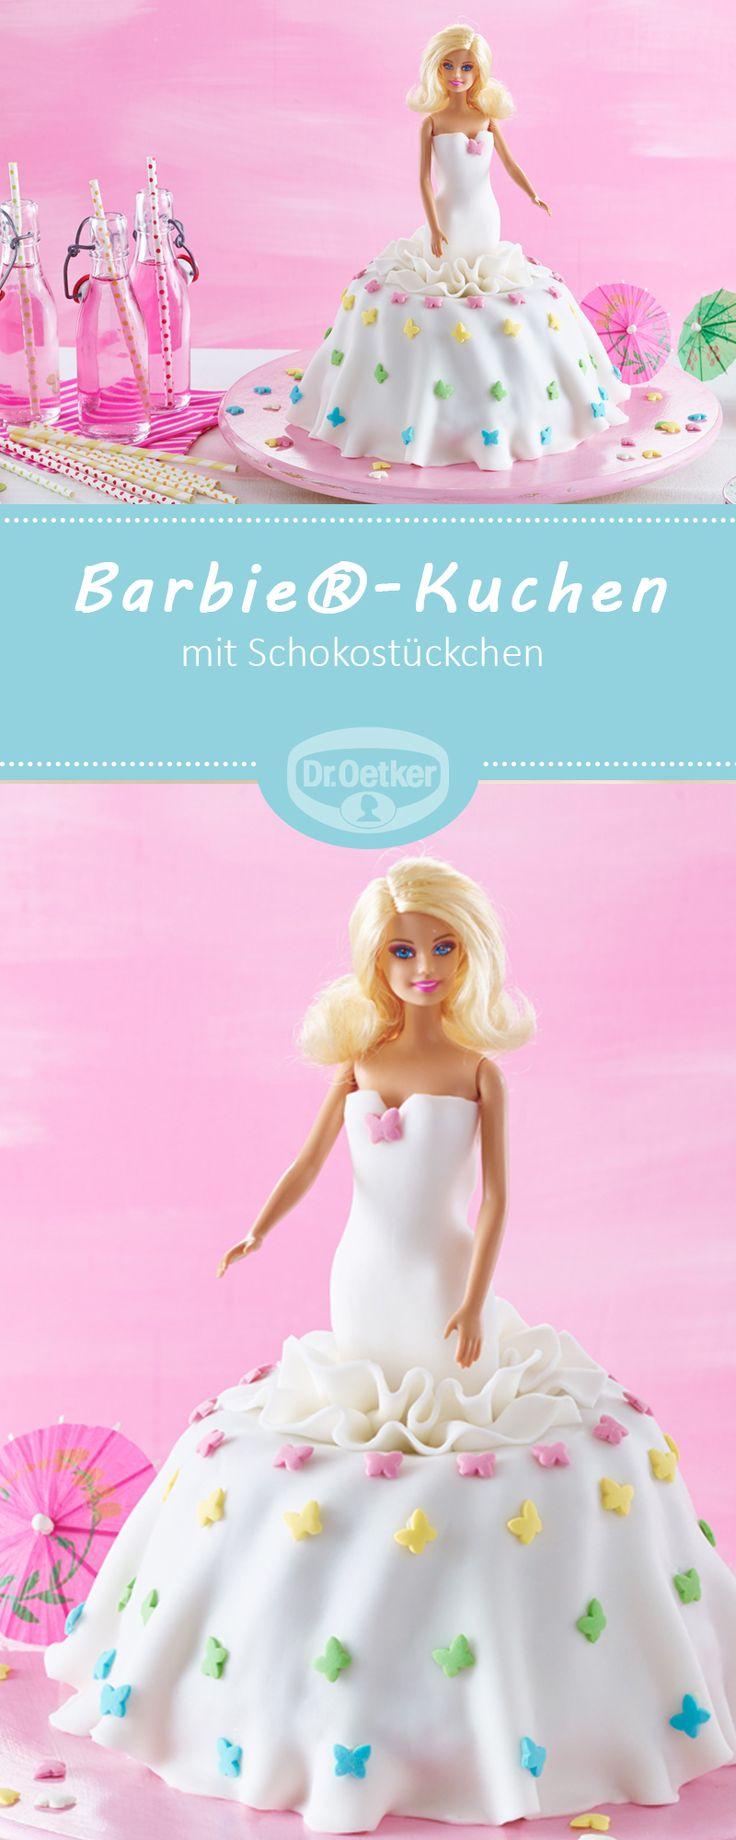 Barbie®-Kuchen - Ein lockerer Rührkuchen mit Schokostückchen #rezept #kinder #barbie